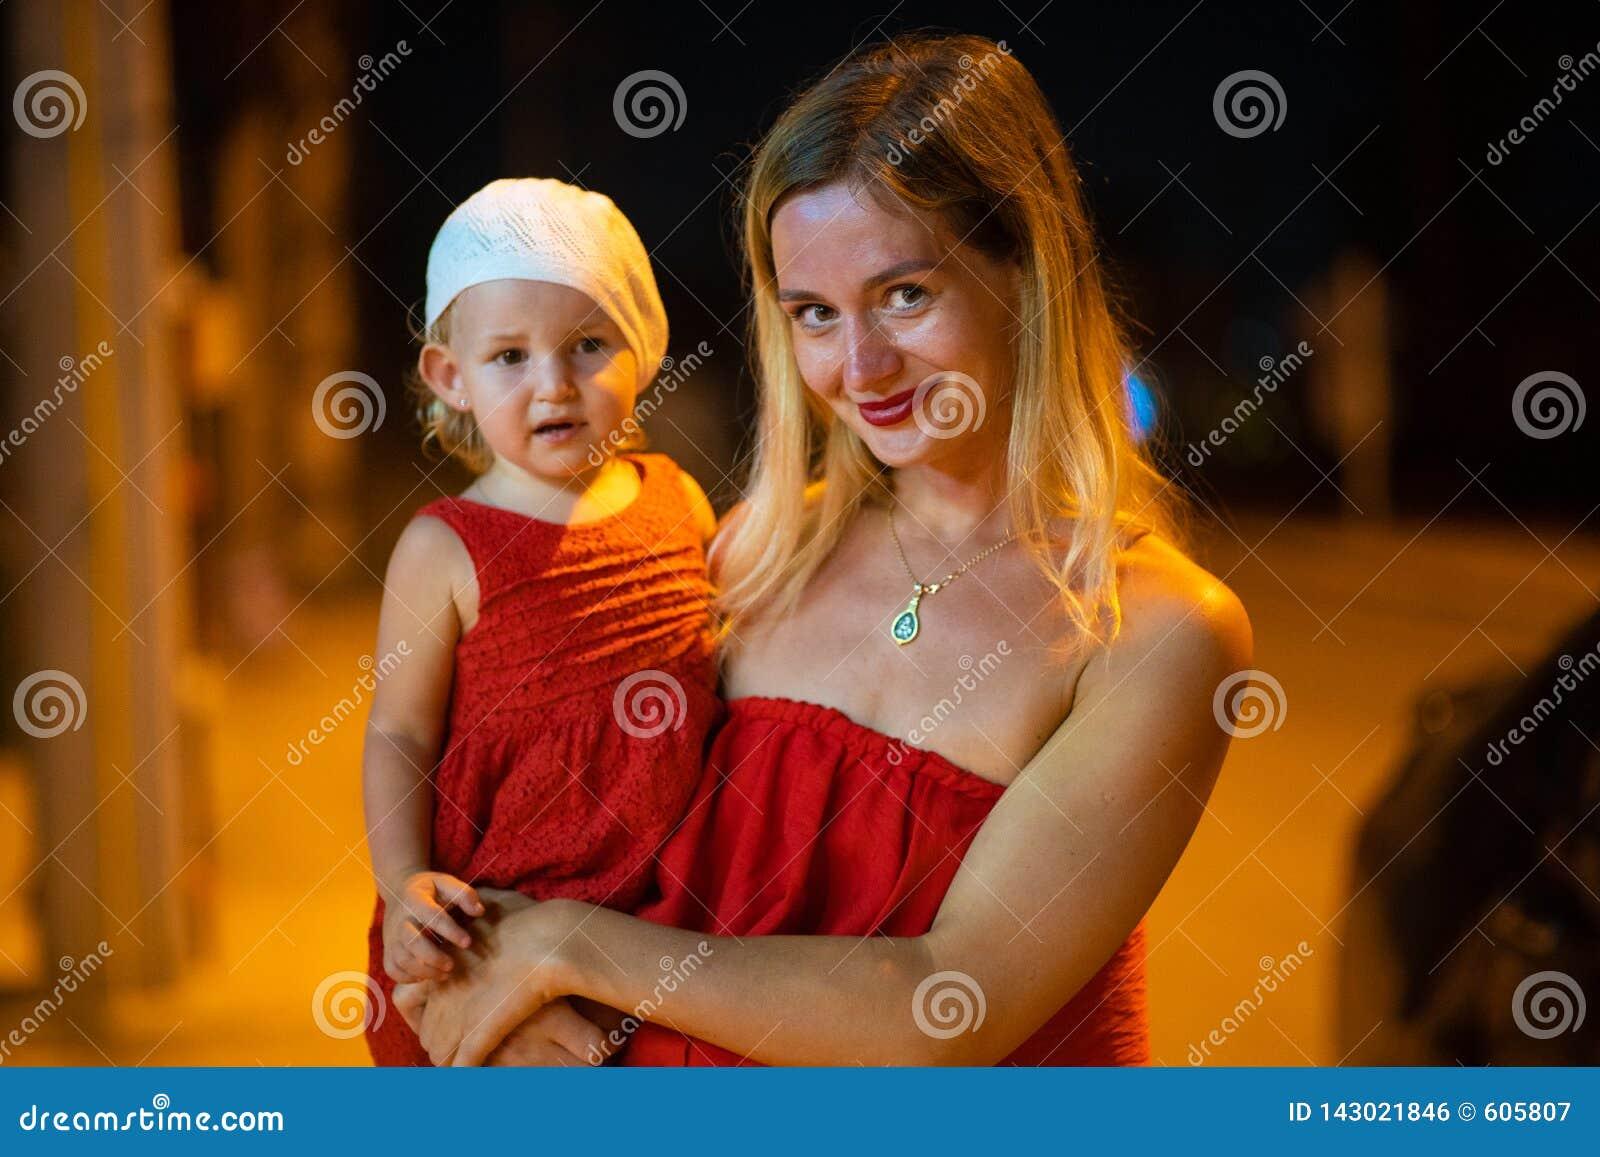 Η μητέρα κρατά την κόρη στα όπλα της, η μητέρα με την κόρη είναι ντυμένη στα κόκκινα φορέματα, παιδί άσπρο beret, τη νύχτα